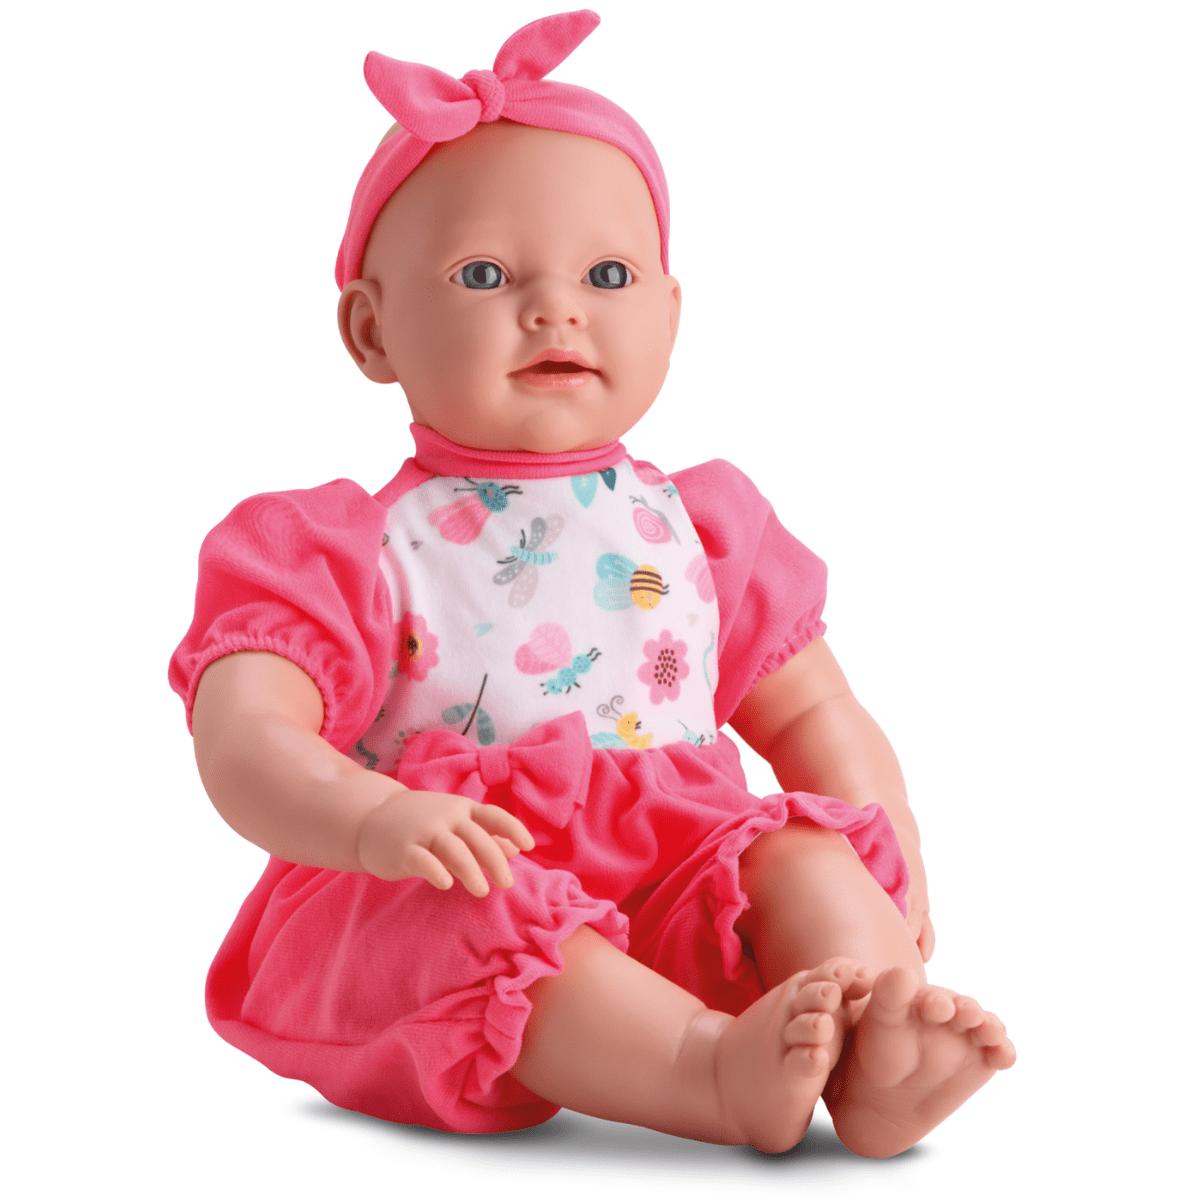 Boneca Bebe Alicia Faz Xixi - Bambola